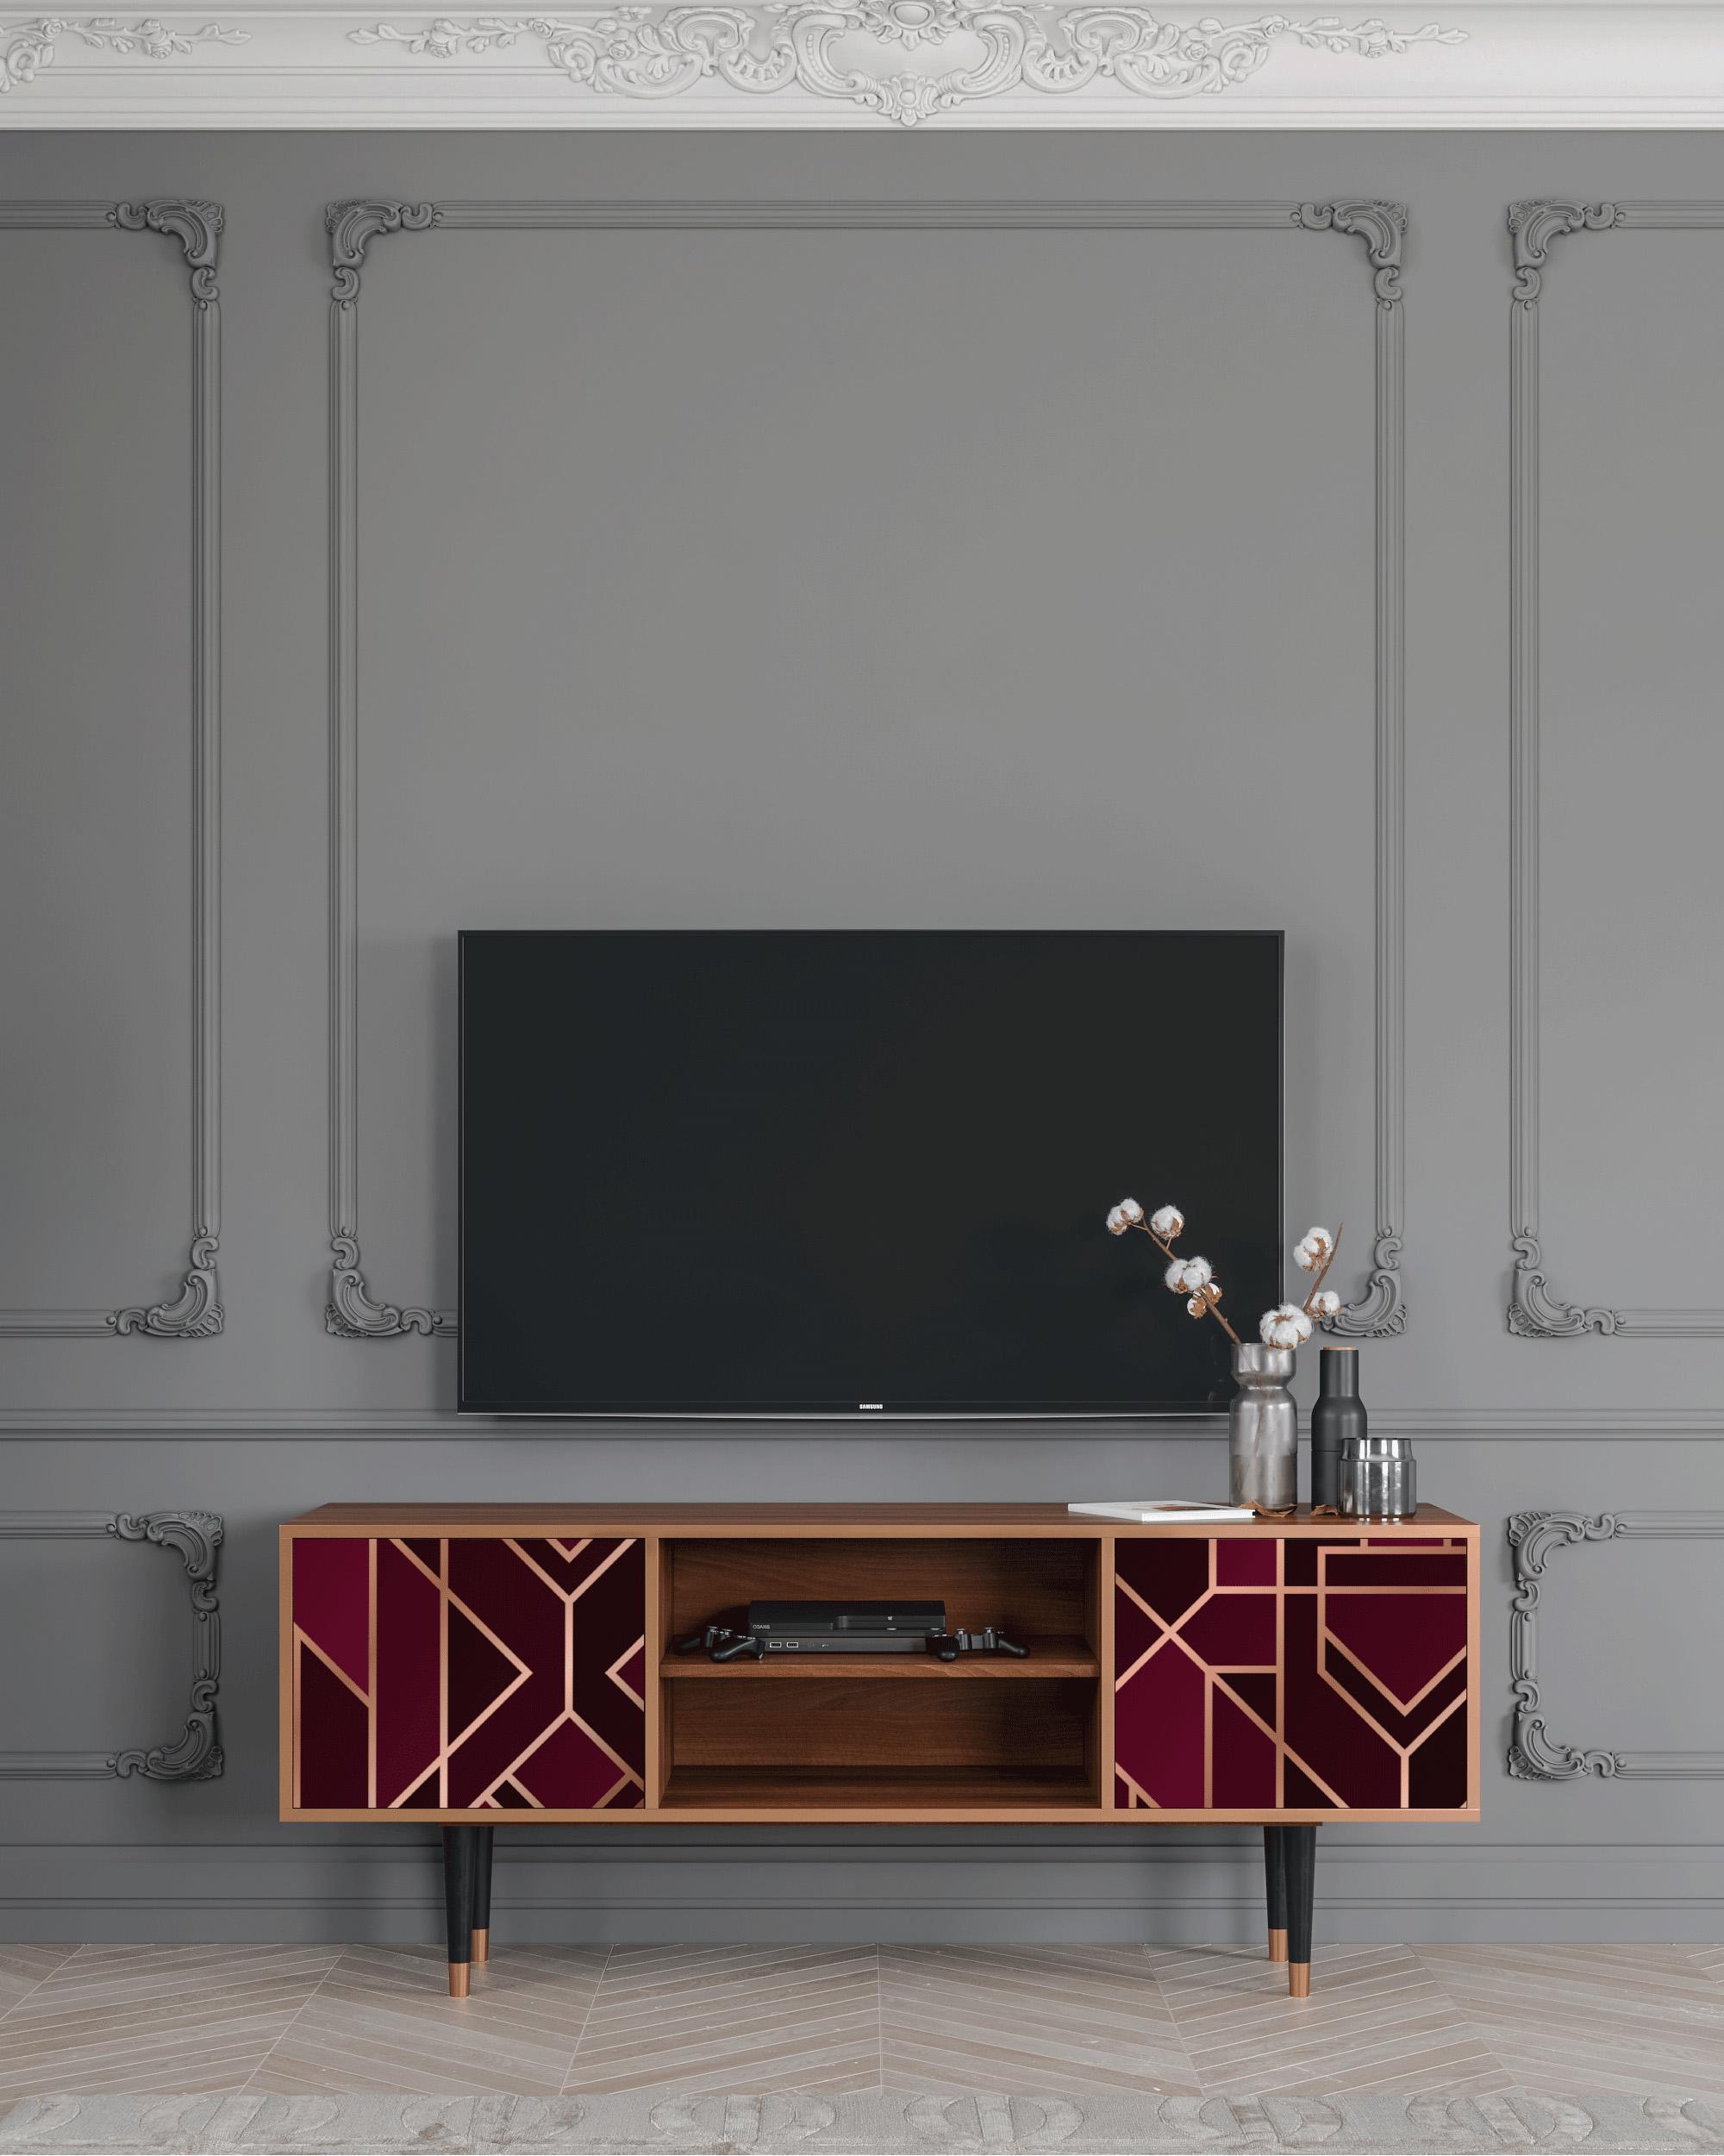 Meuble TV bordeaux 170cm 2 portes